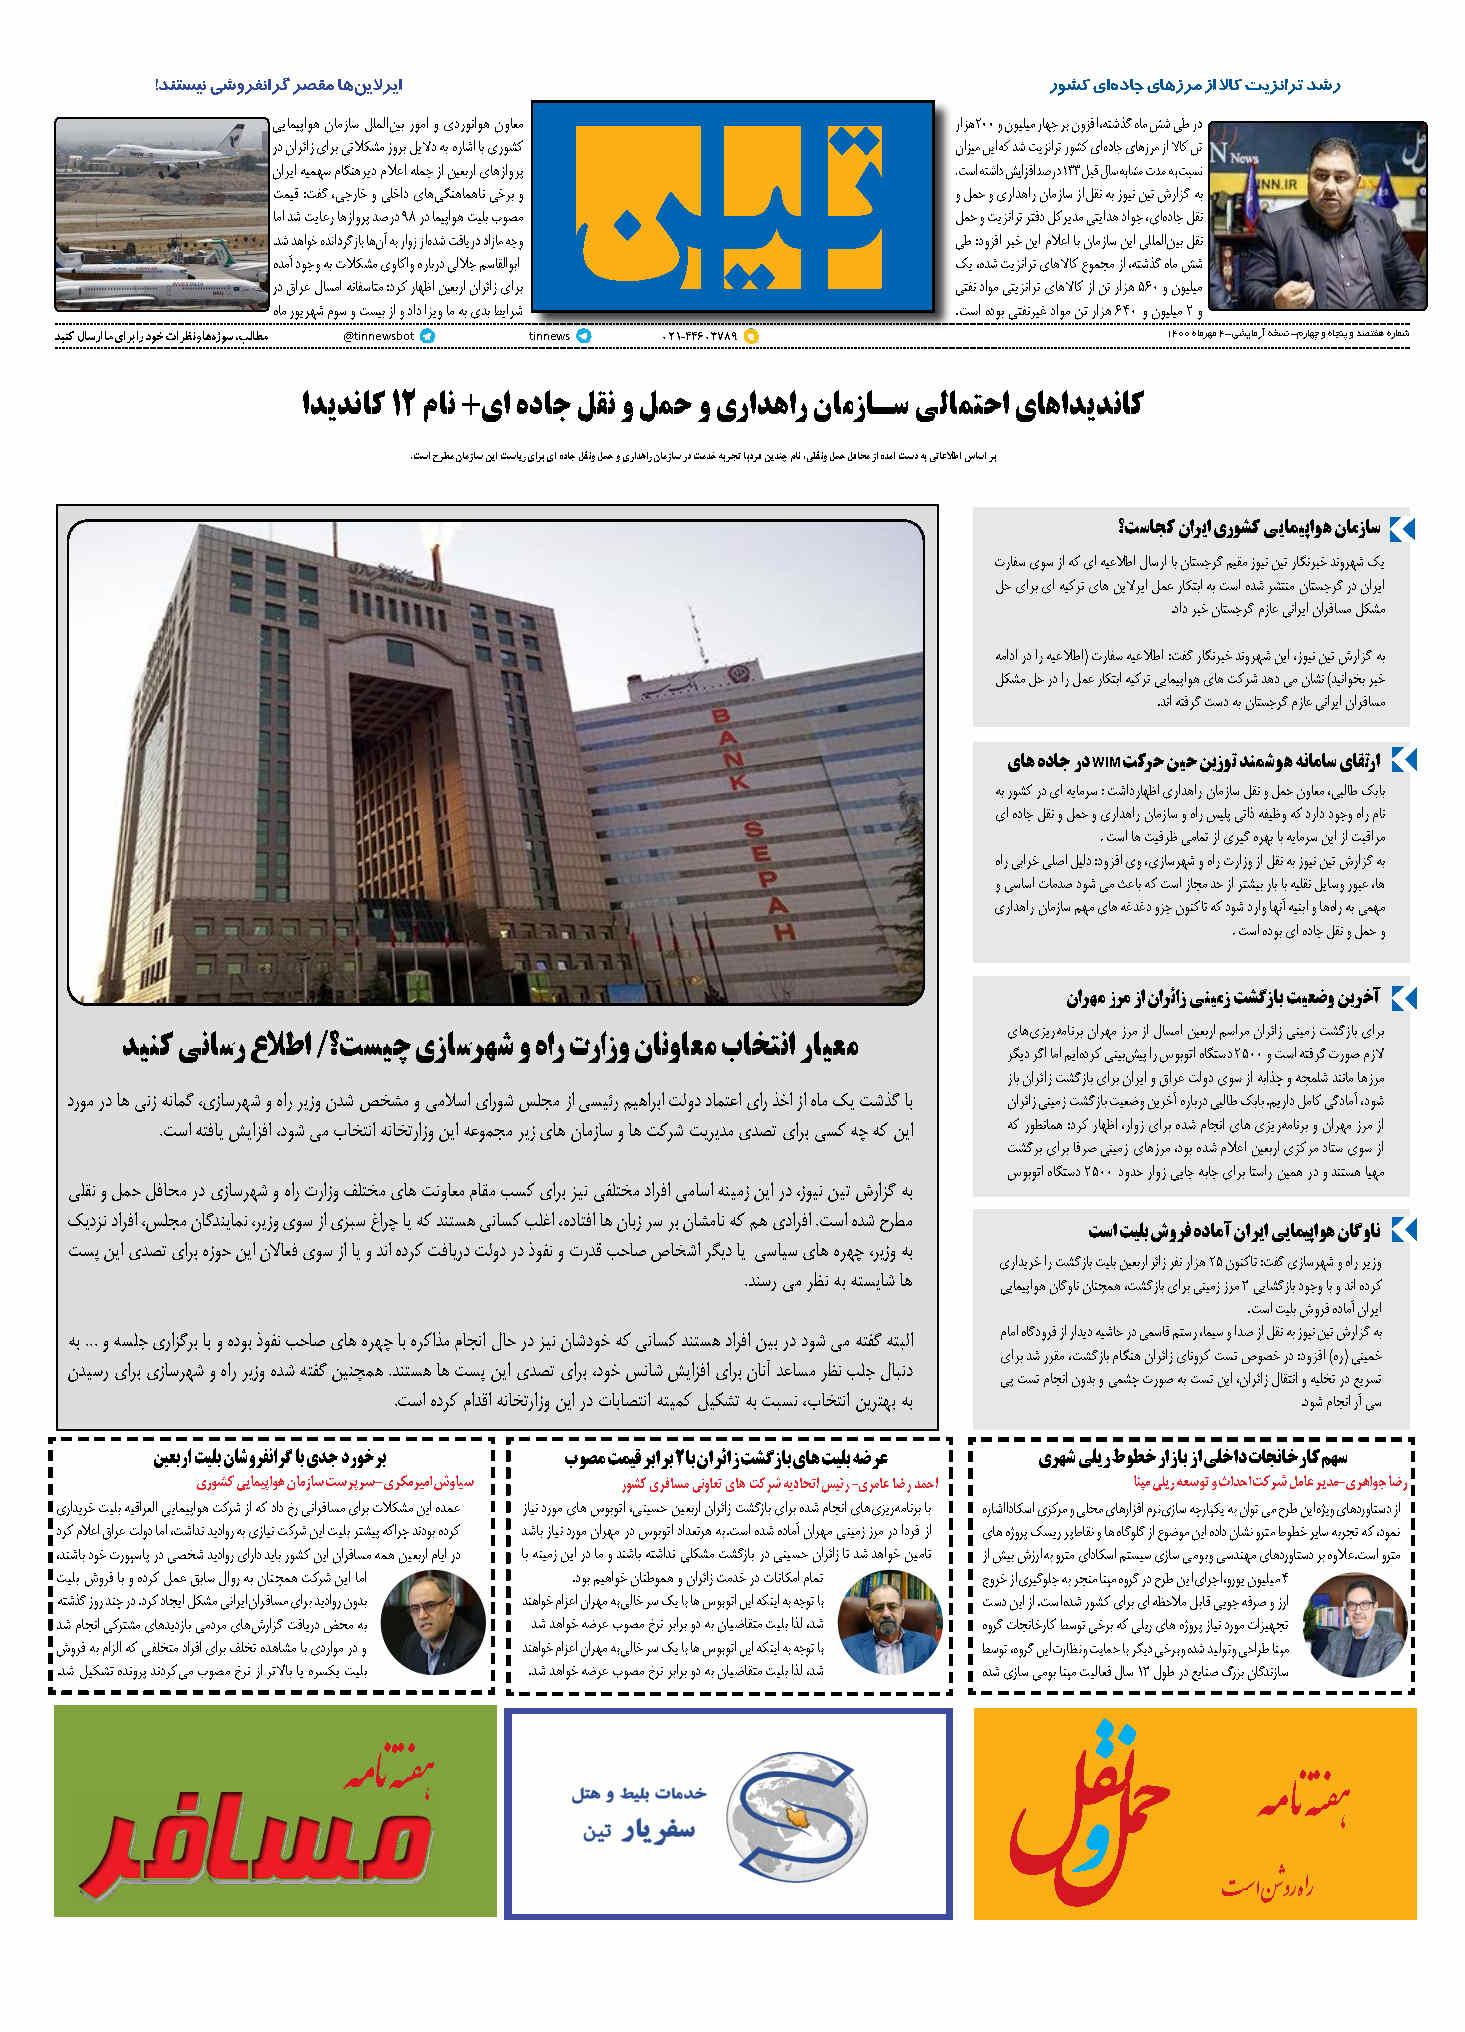 روزنامه الکترونیک 4 مهرماه 1400